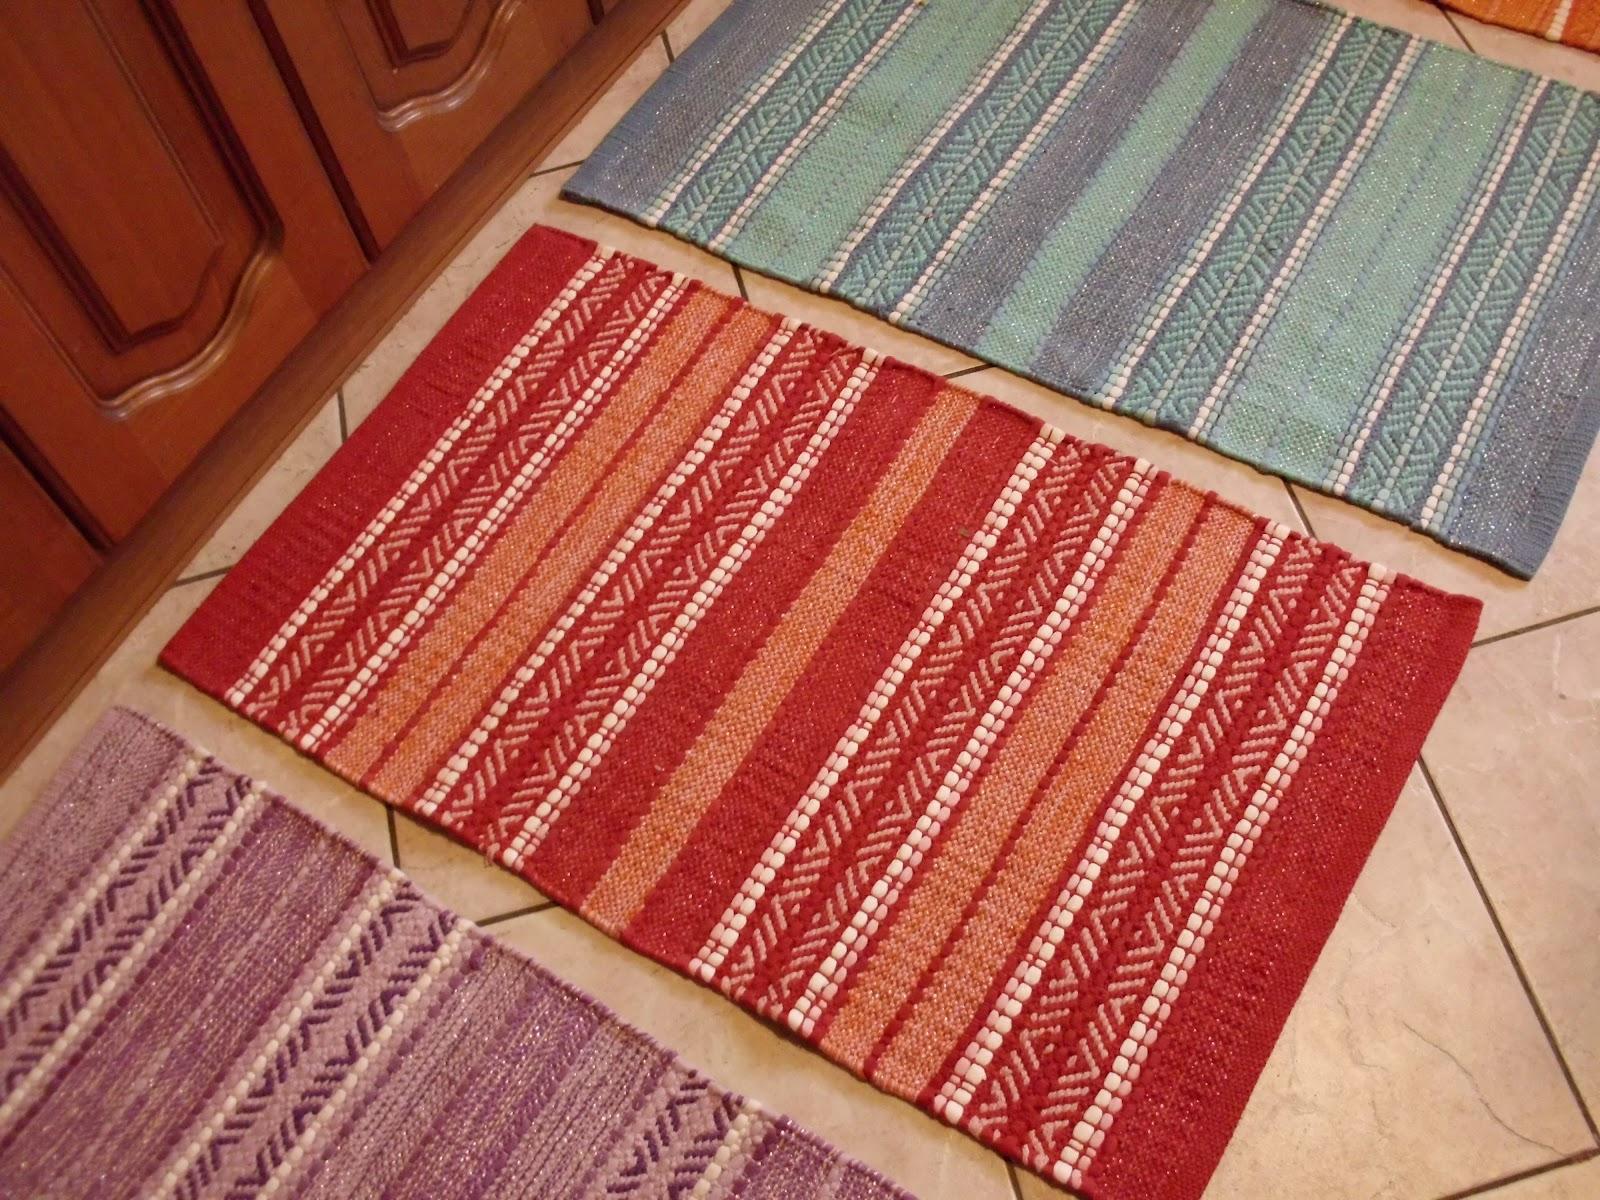 Tappeti cucina in cotone tappeti cuscini copridivani articoli tessili prodotti tessili per la - Tappeti anallergici ...